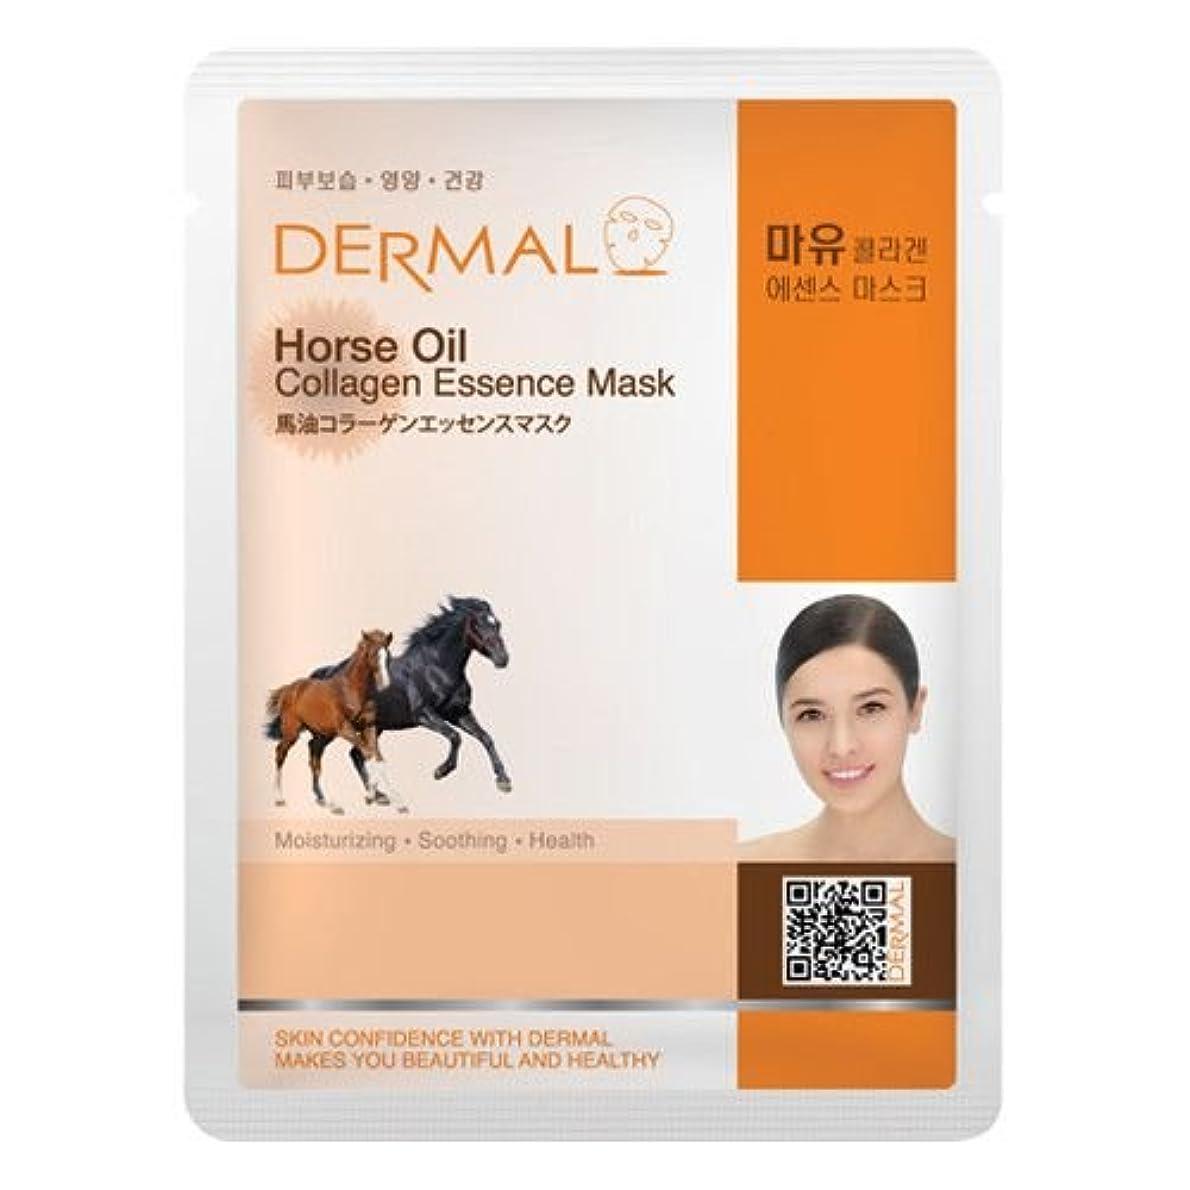 今日大いに重くするシート マスク 馬油コラーゲン ダーマル Dermal 23g (100枚セット) 韓国コスメ コラーゲンエッセンスマスク フェイス パック